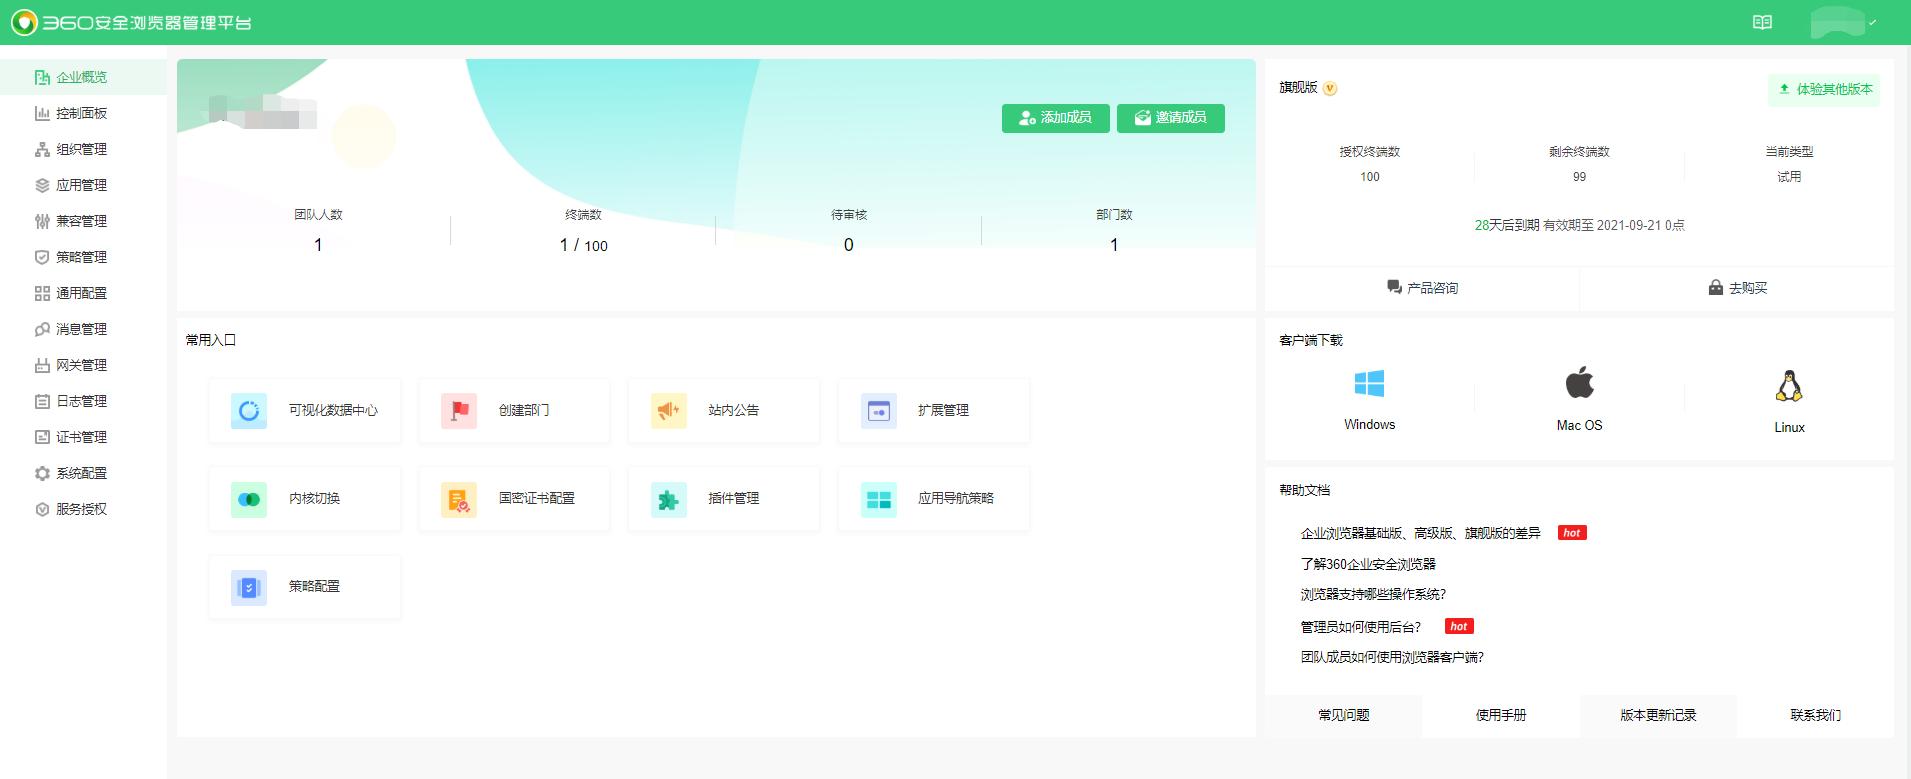 360安全浏览器管理平台